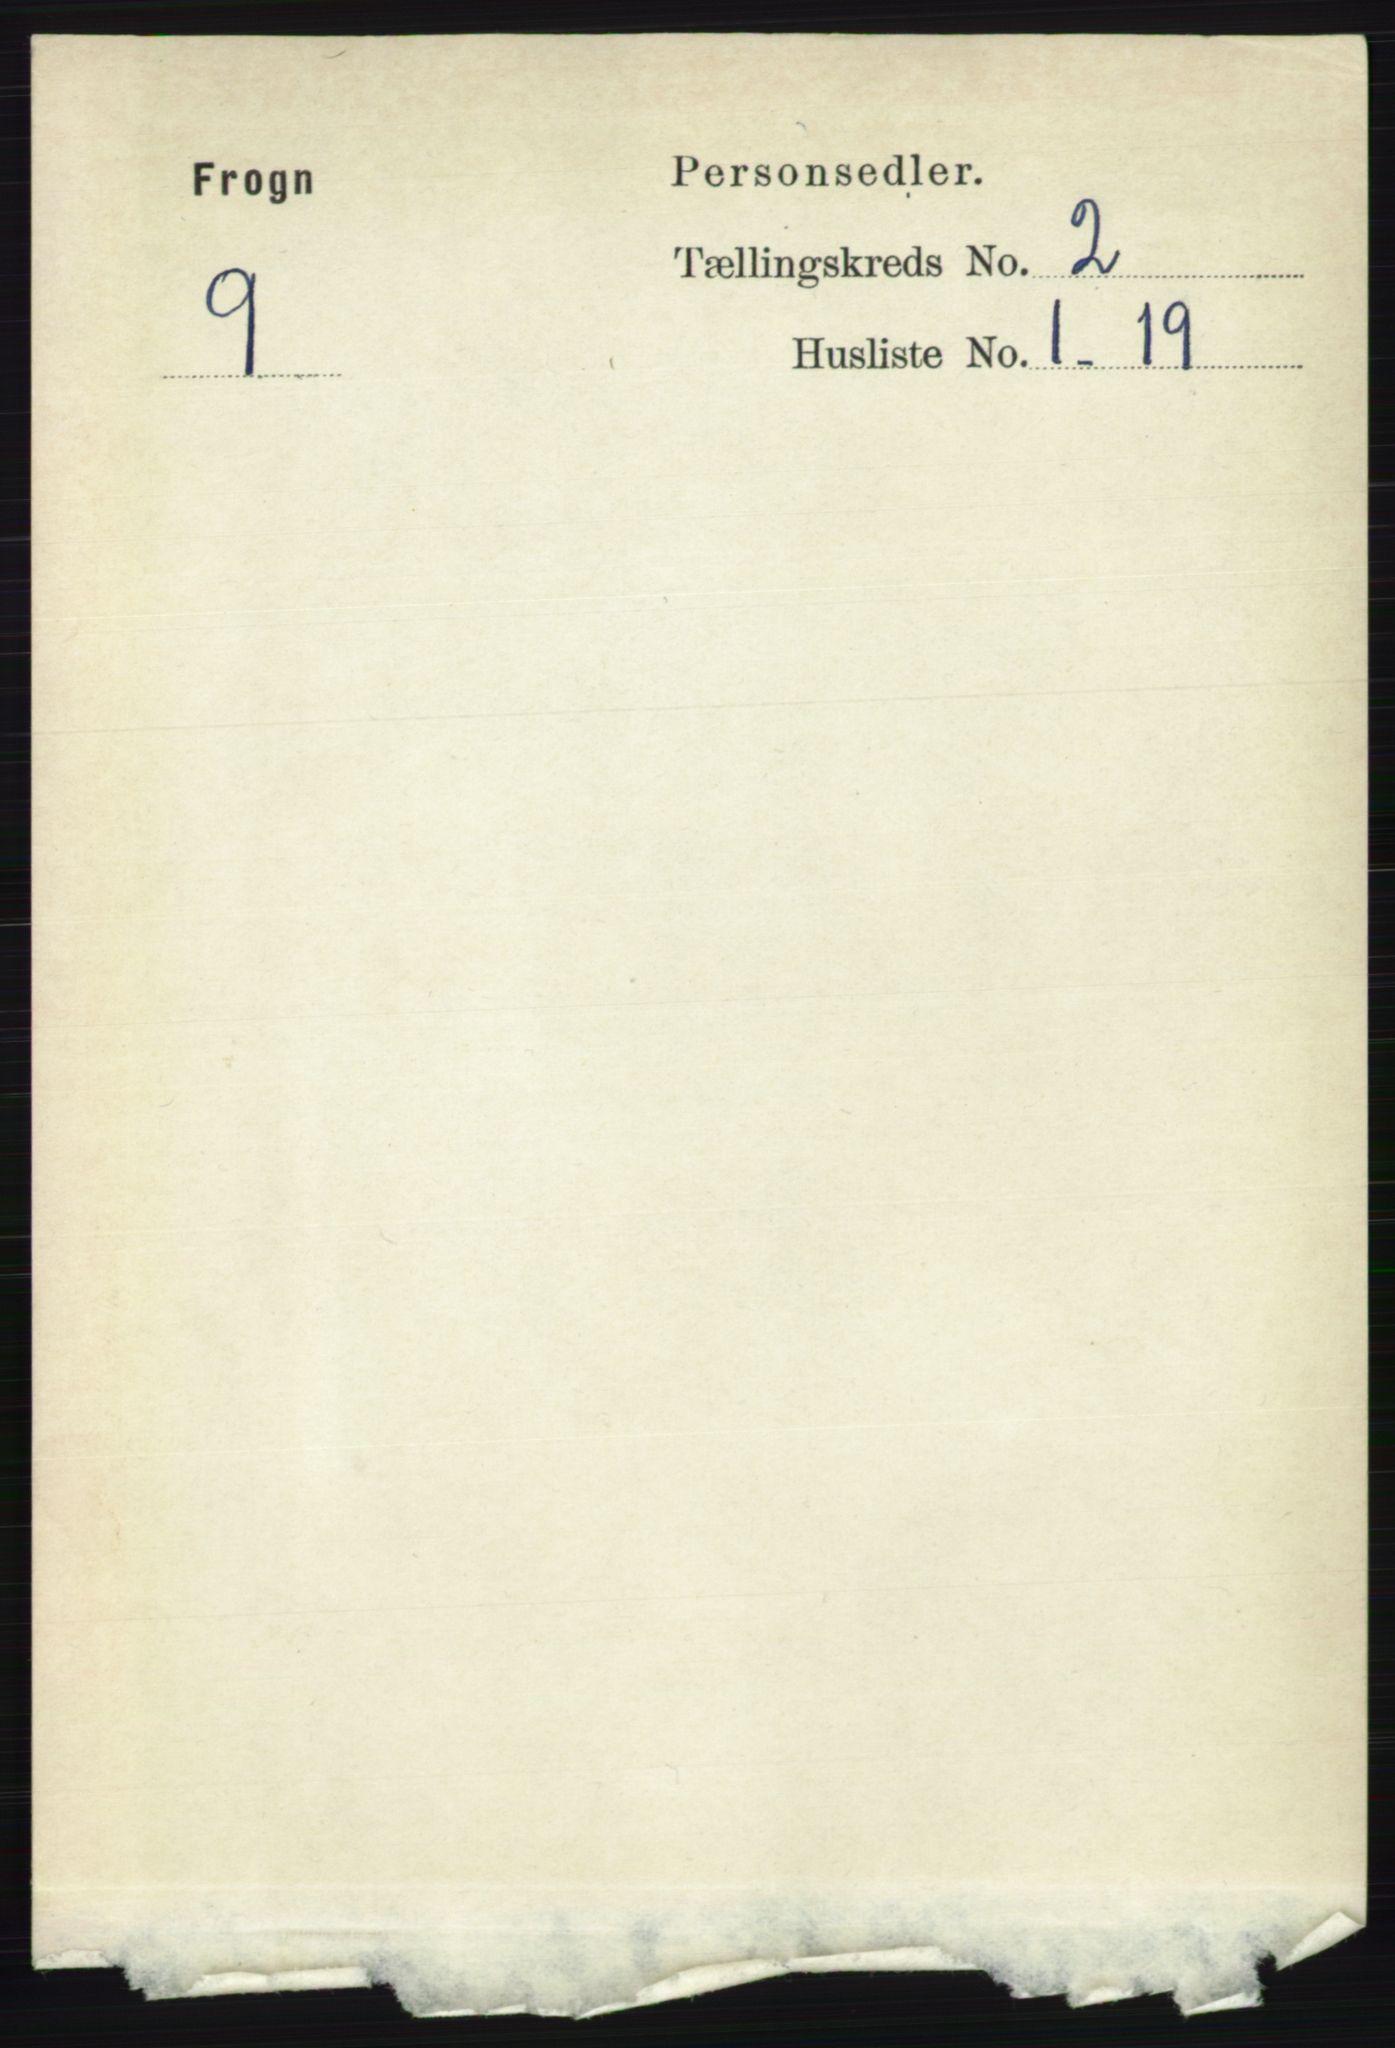 RA, Folketelling 1891 for 0215 Frogn herred, 1891, s. 1268